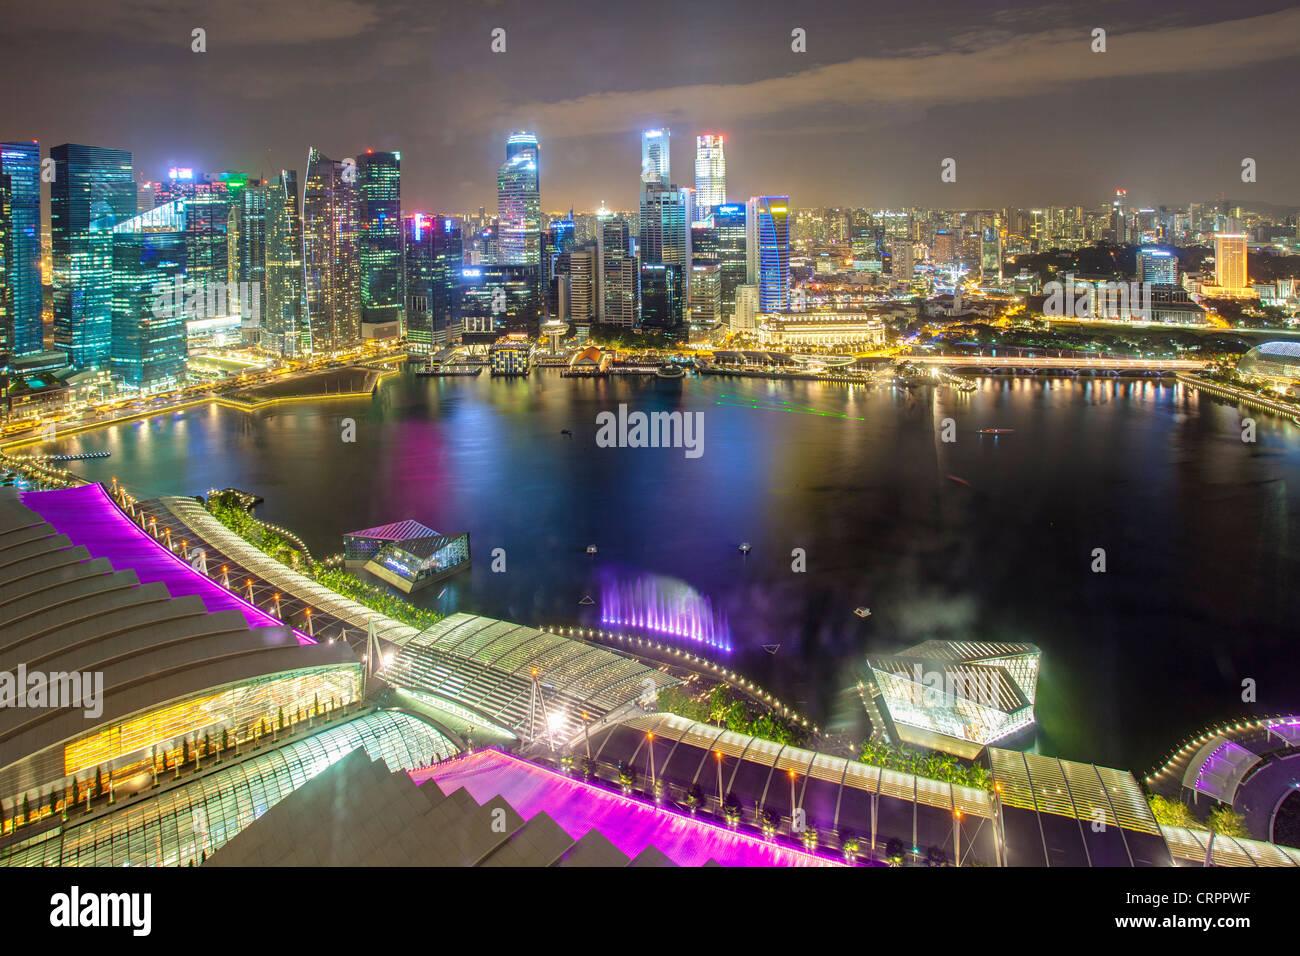 Des vues sur le centre-ville de Singapour et Marina Bay, à Singapour, en Asie du sud-est Photo Stock